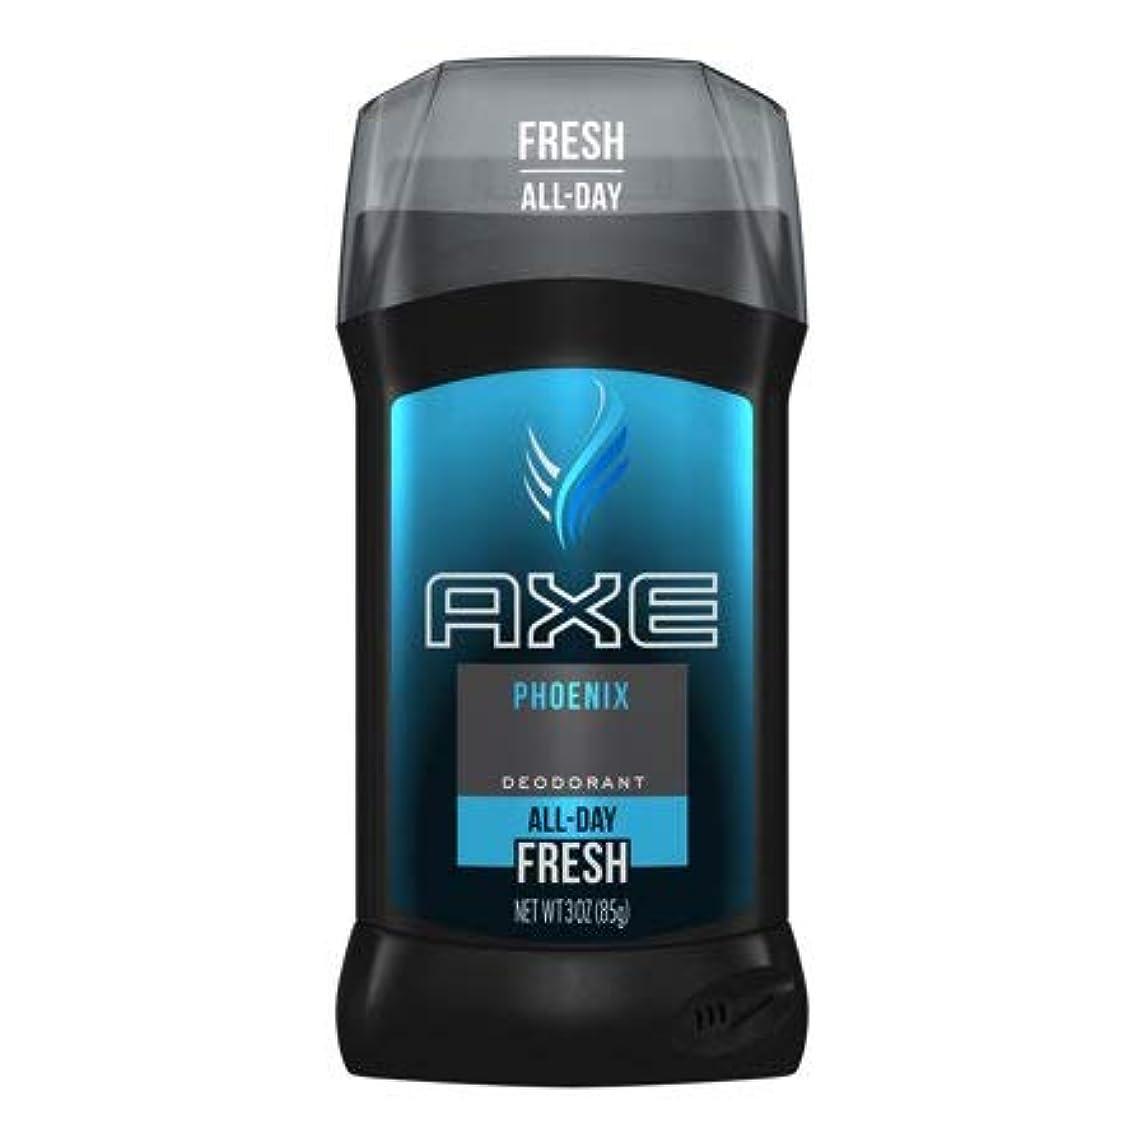 一節圧倒する征服AXE Phoenix Deodorant Stick Fresh 3 oz アクセ フェニックス フレッシュ デオドラント 海外直送品 [並行輸入品]